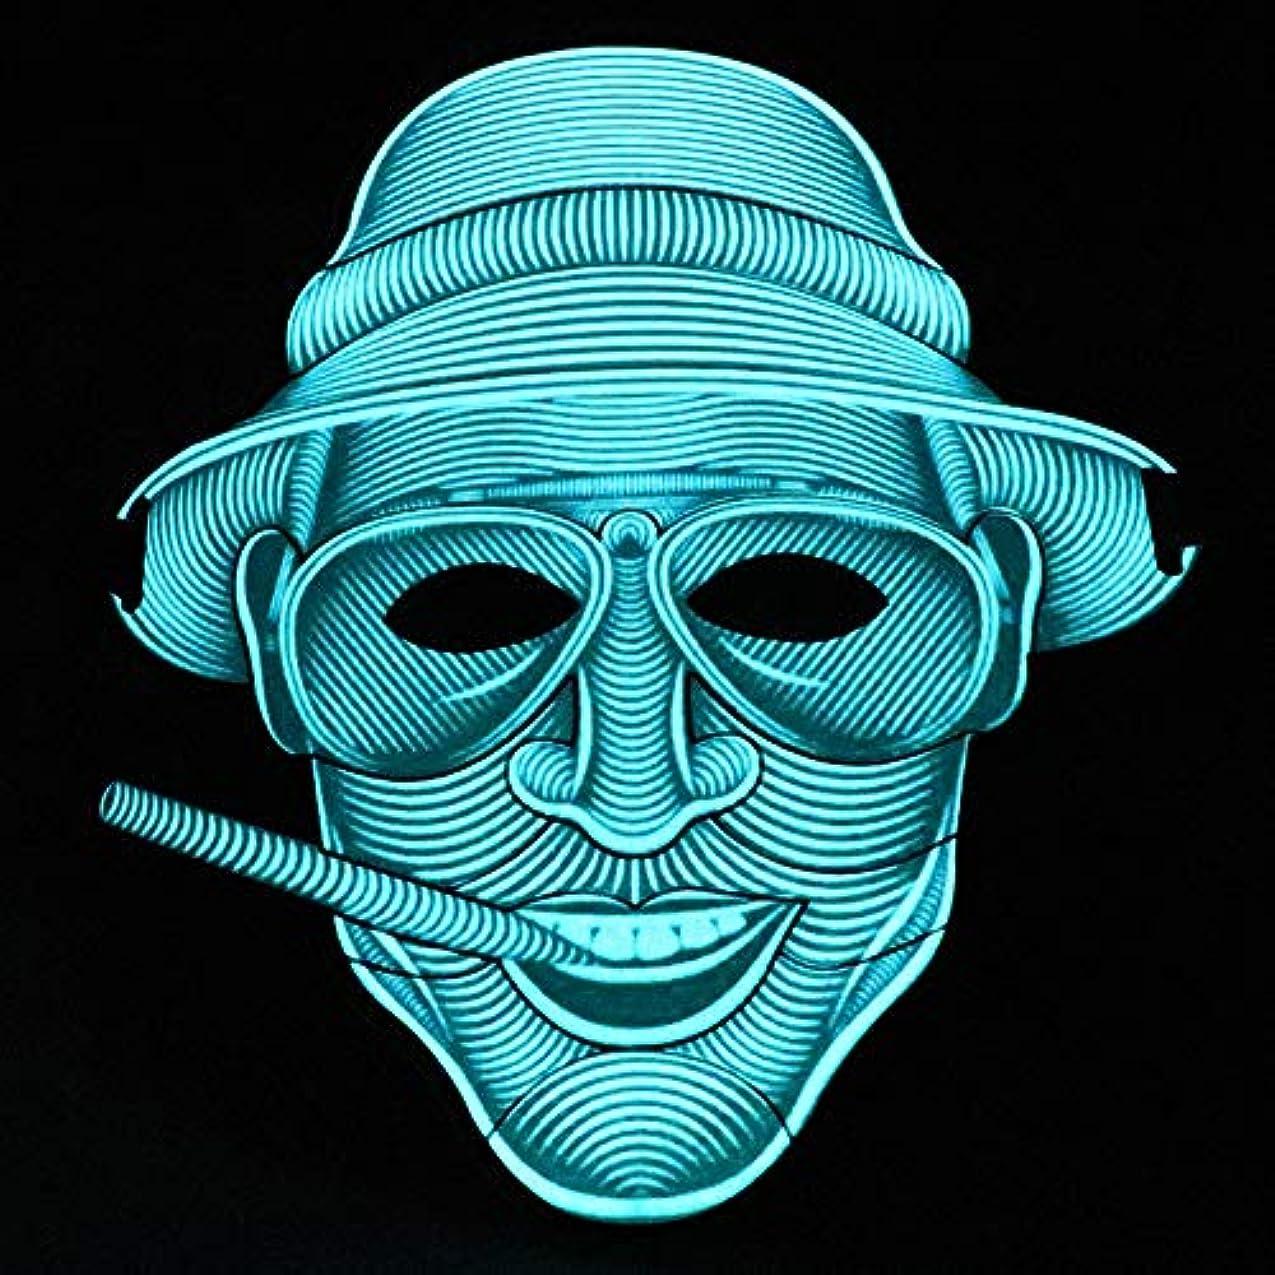 避ける海港ヒント照らされたマスクLED創造的な冷光音響制御マスクハロウィンバーフェスティバルダンスマスク (Color : #12)